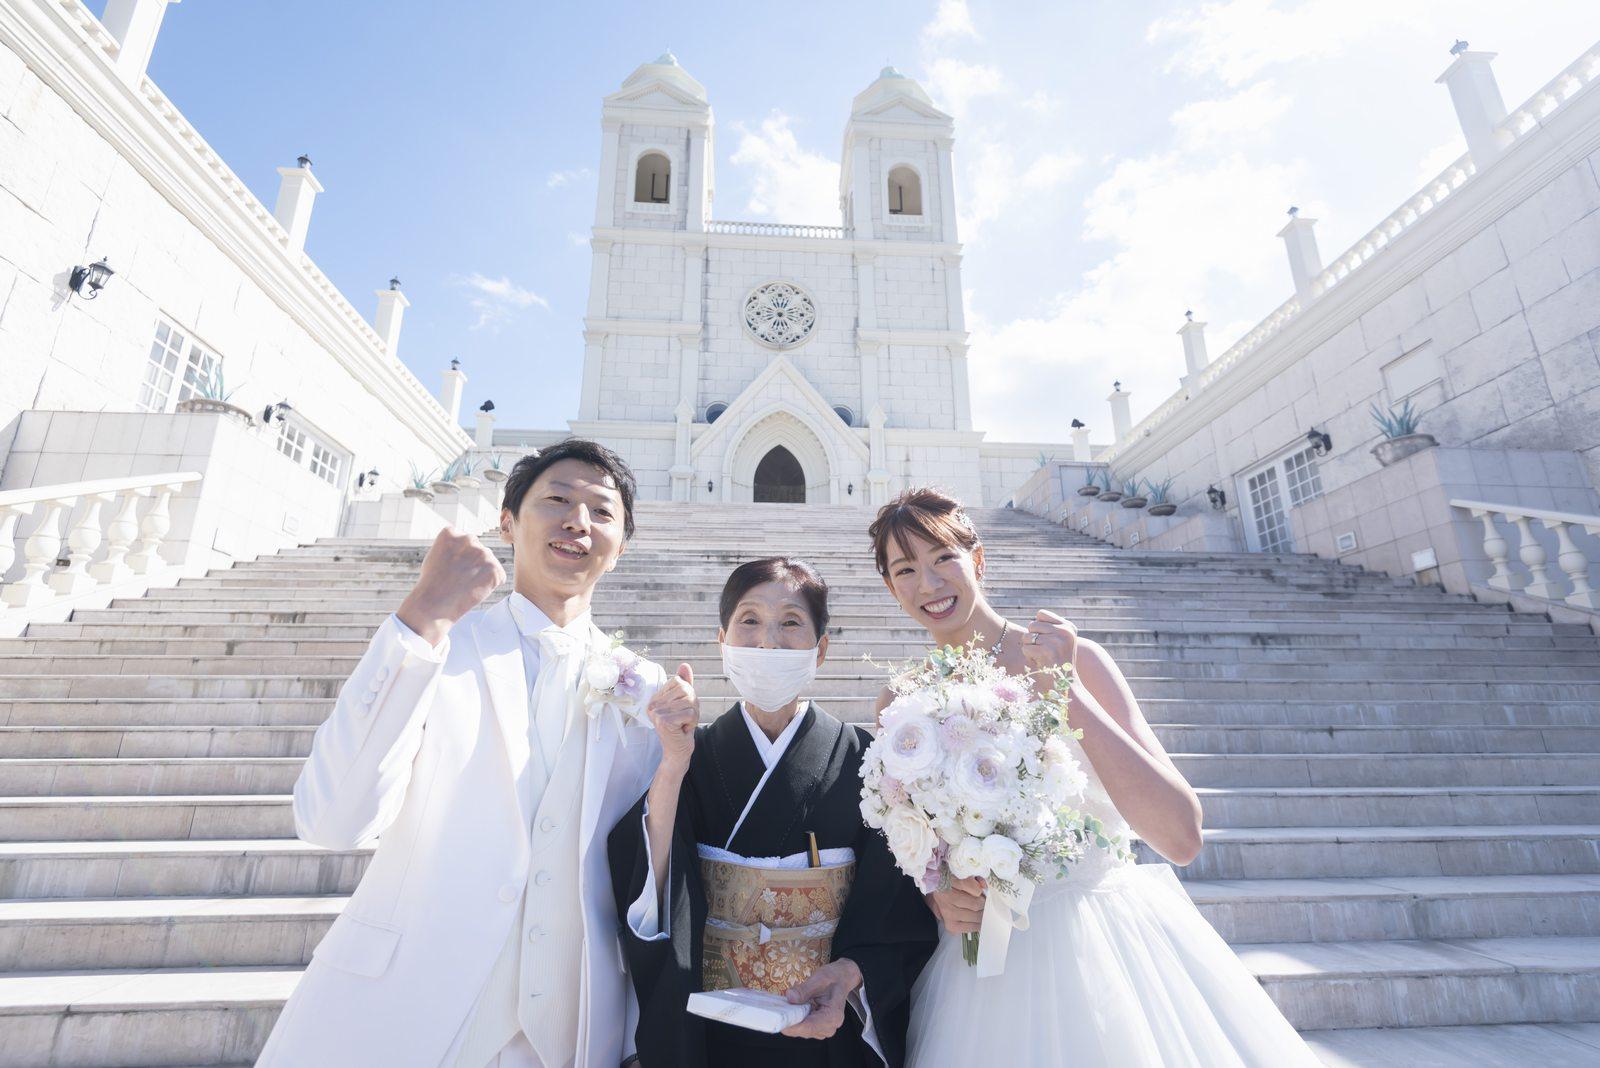 香川県の結婚式場シェルエメール&アイスタイルの家族写真